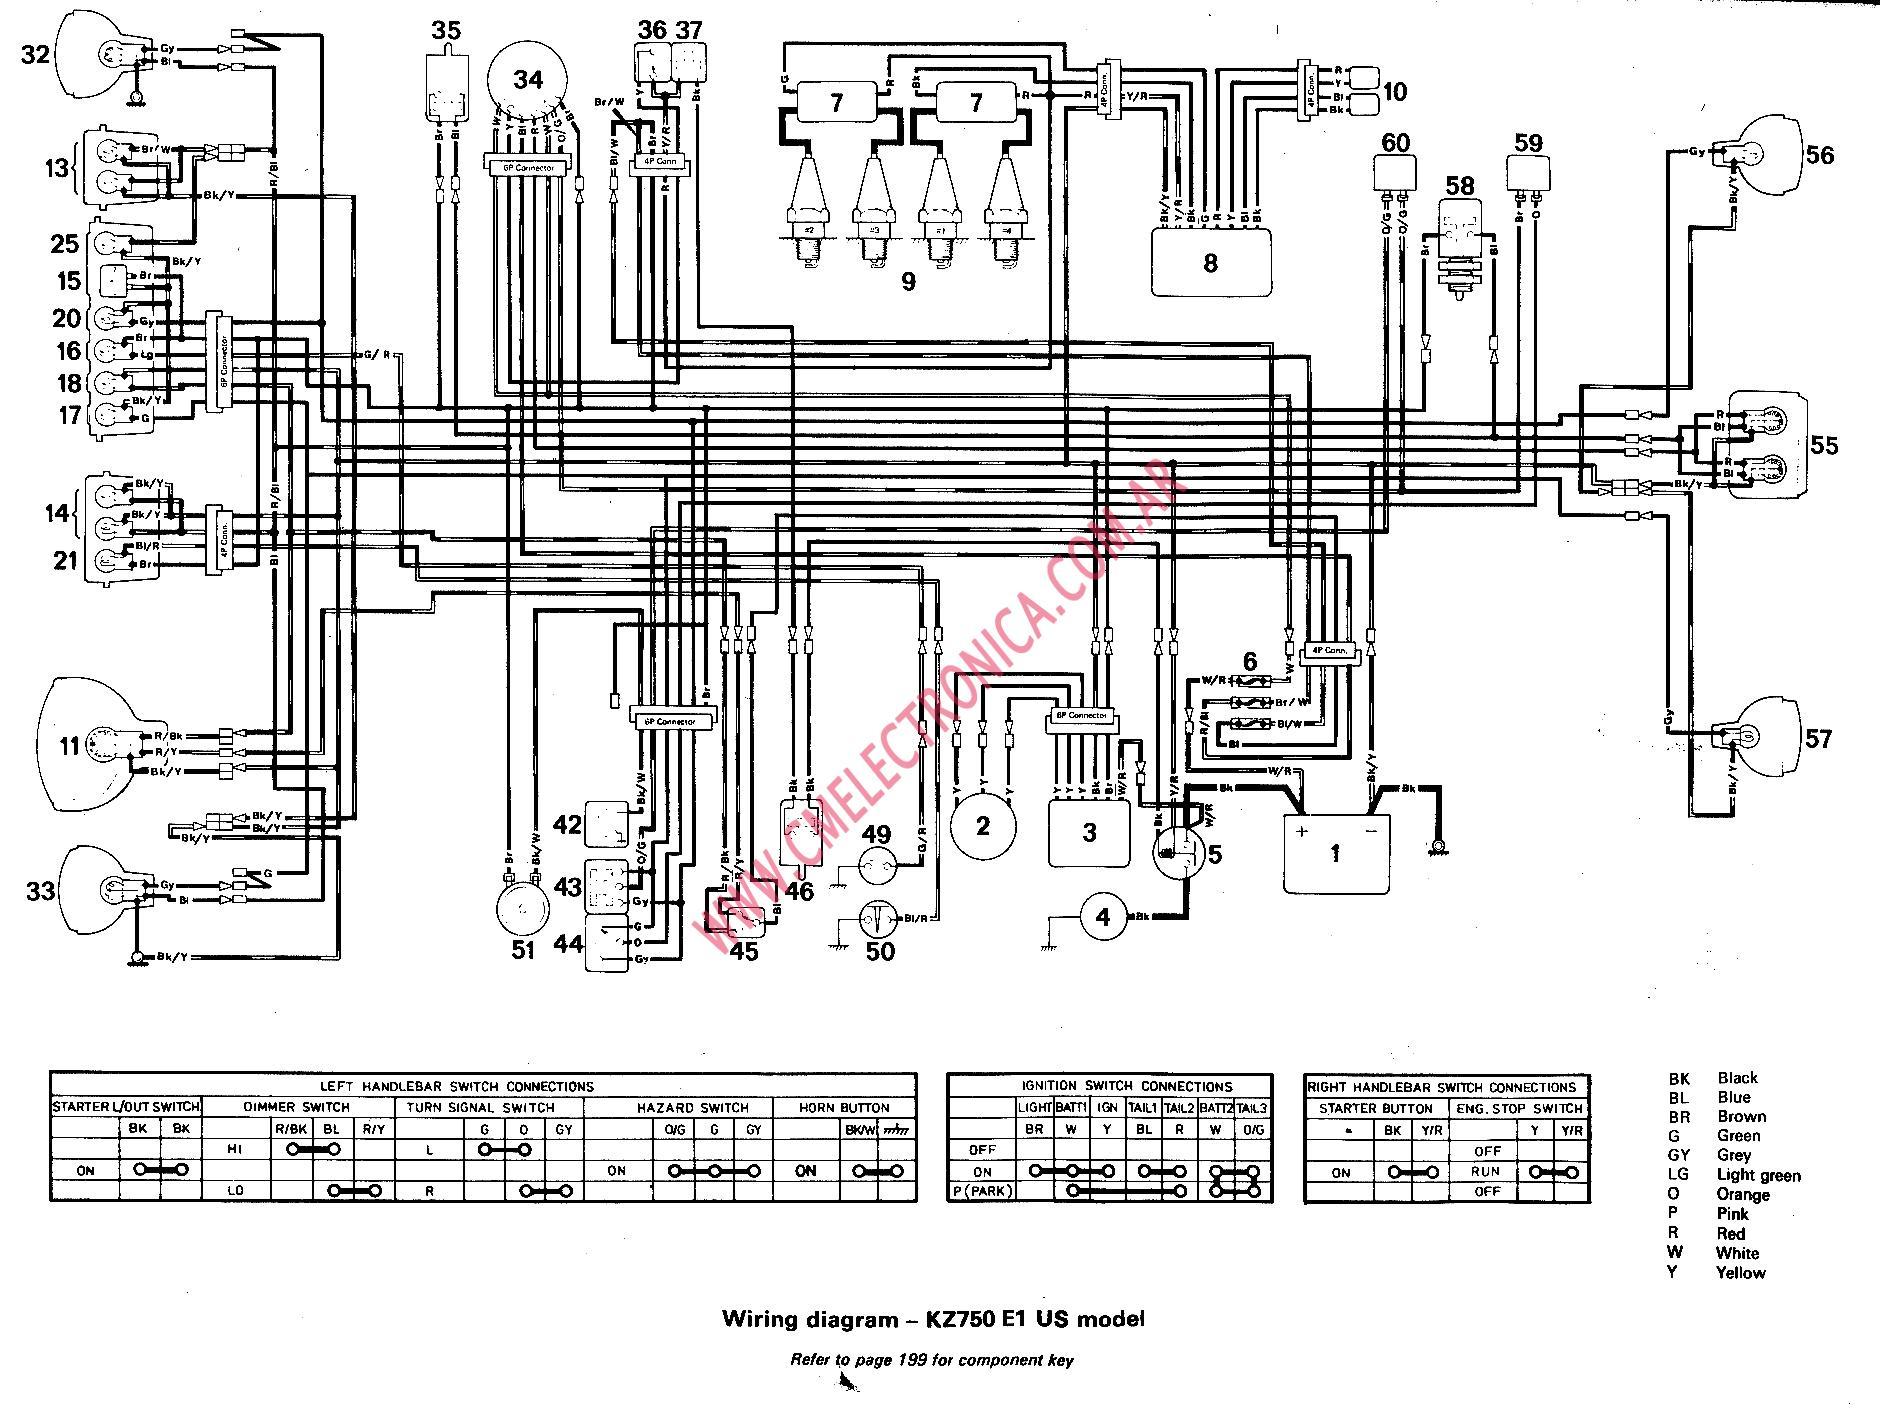 2002 mercedes benz Diagrama del motor